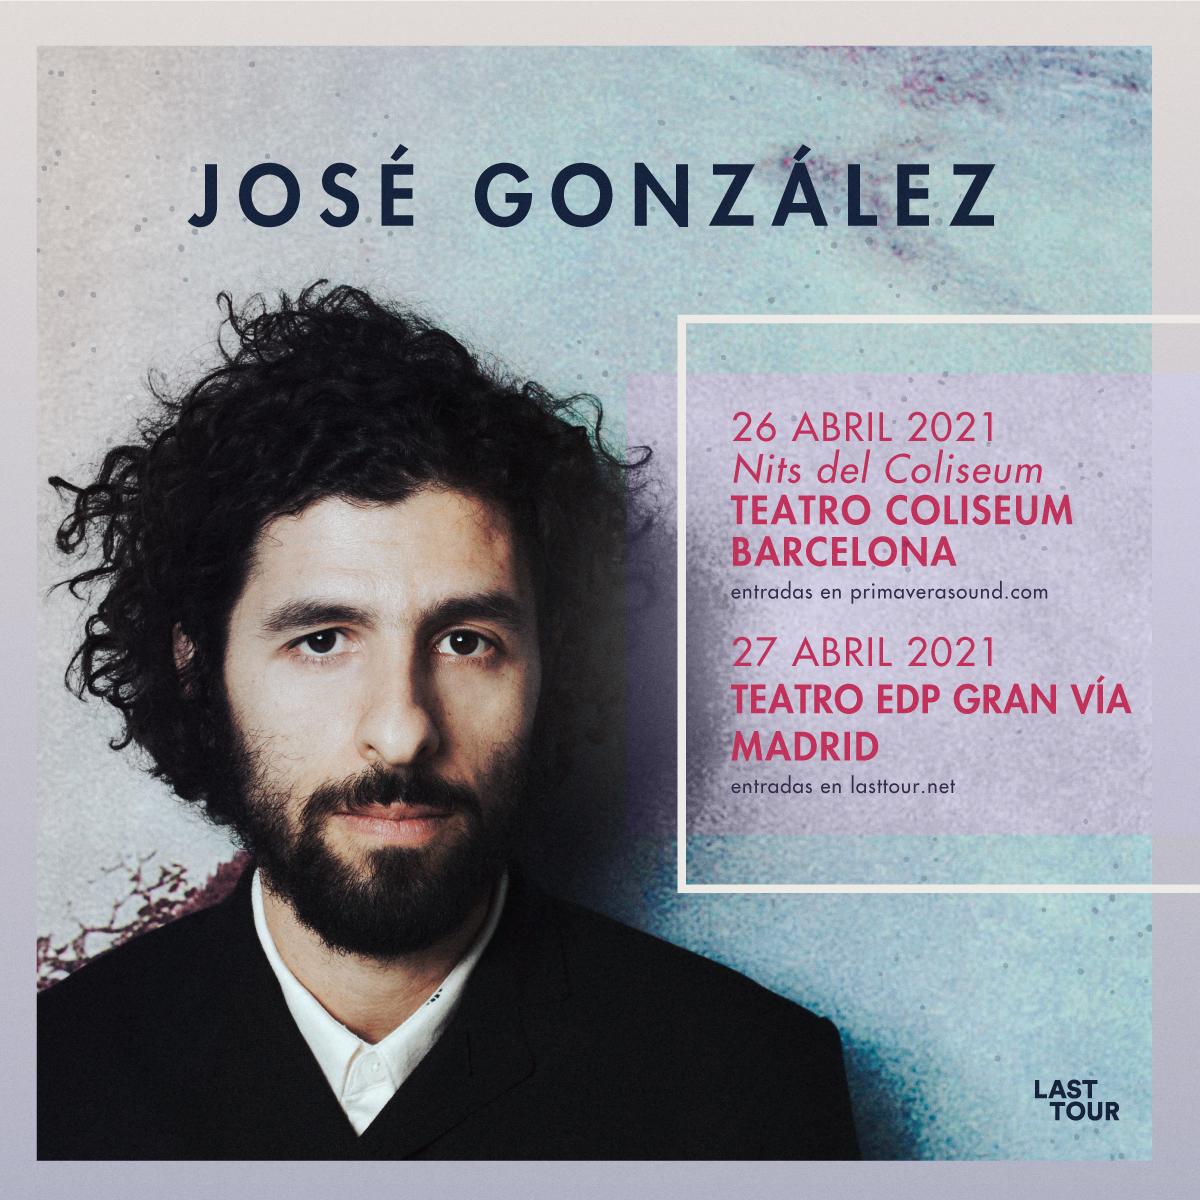 José González anuncia conciertos en Barcelona y Madrid para abril